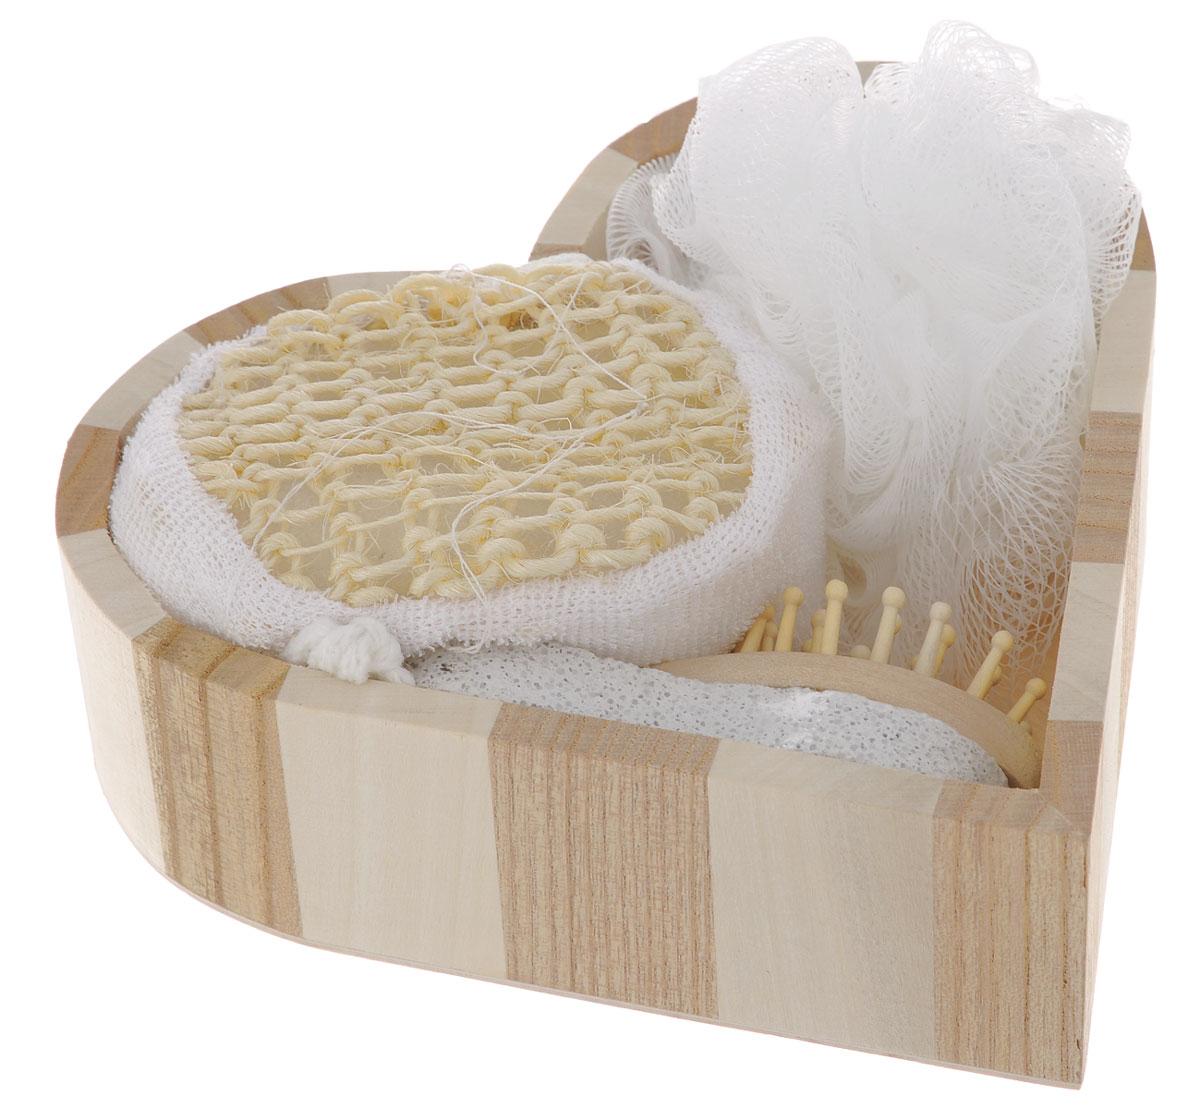 Набор для ванной и бани Феникс-презент Романтика, 5 предметовZ-0307Набор для ванной и бани Феникс-презент Романтика включает: - мочалка для купания из полиэтилена, - расческа из древесины павловнии,- пемза для ухода за кожей,- мочалка для купания из сизаля, - лохань из древесины тополя в форме сердца. Такой мини-набор пригодится в любой бане и сделает банную процедуру еще более комфортной и расслабляющей. Диаметр мочалки: 11 см. Размер расчески: 12 х 4 х 3 см. Размер пемзы: 9,5 х 4,5 х 2 см.Размер мочалки из сизаля: 10 х 8 х 5 см.Размер лохани: 17,5 х 18 х 5 см.